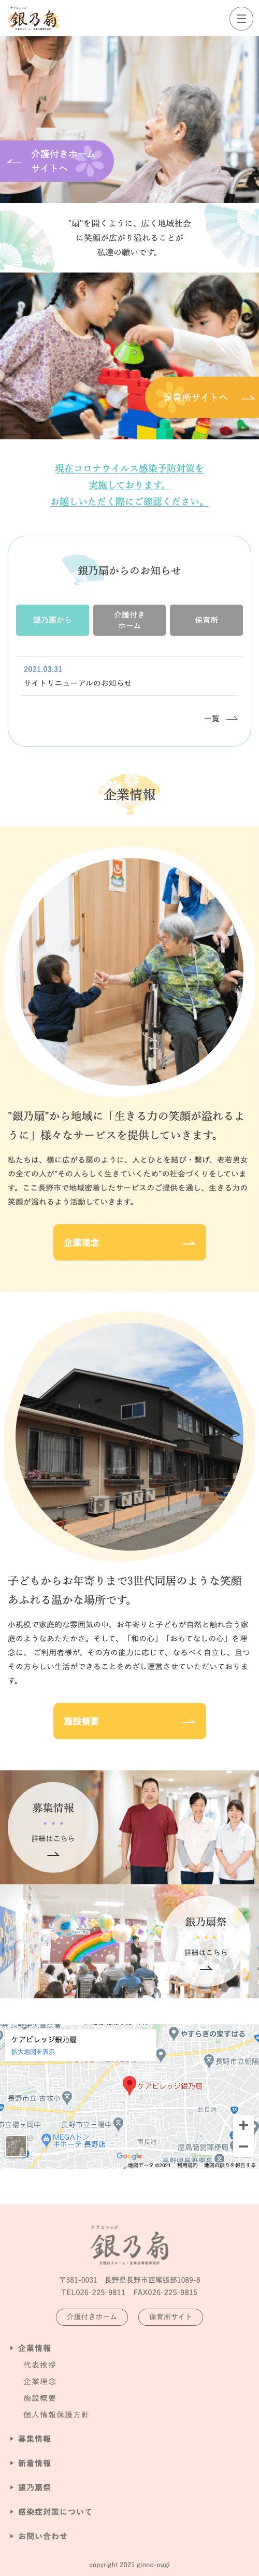 銀乃扇(企業サイト)spイメージ